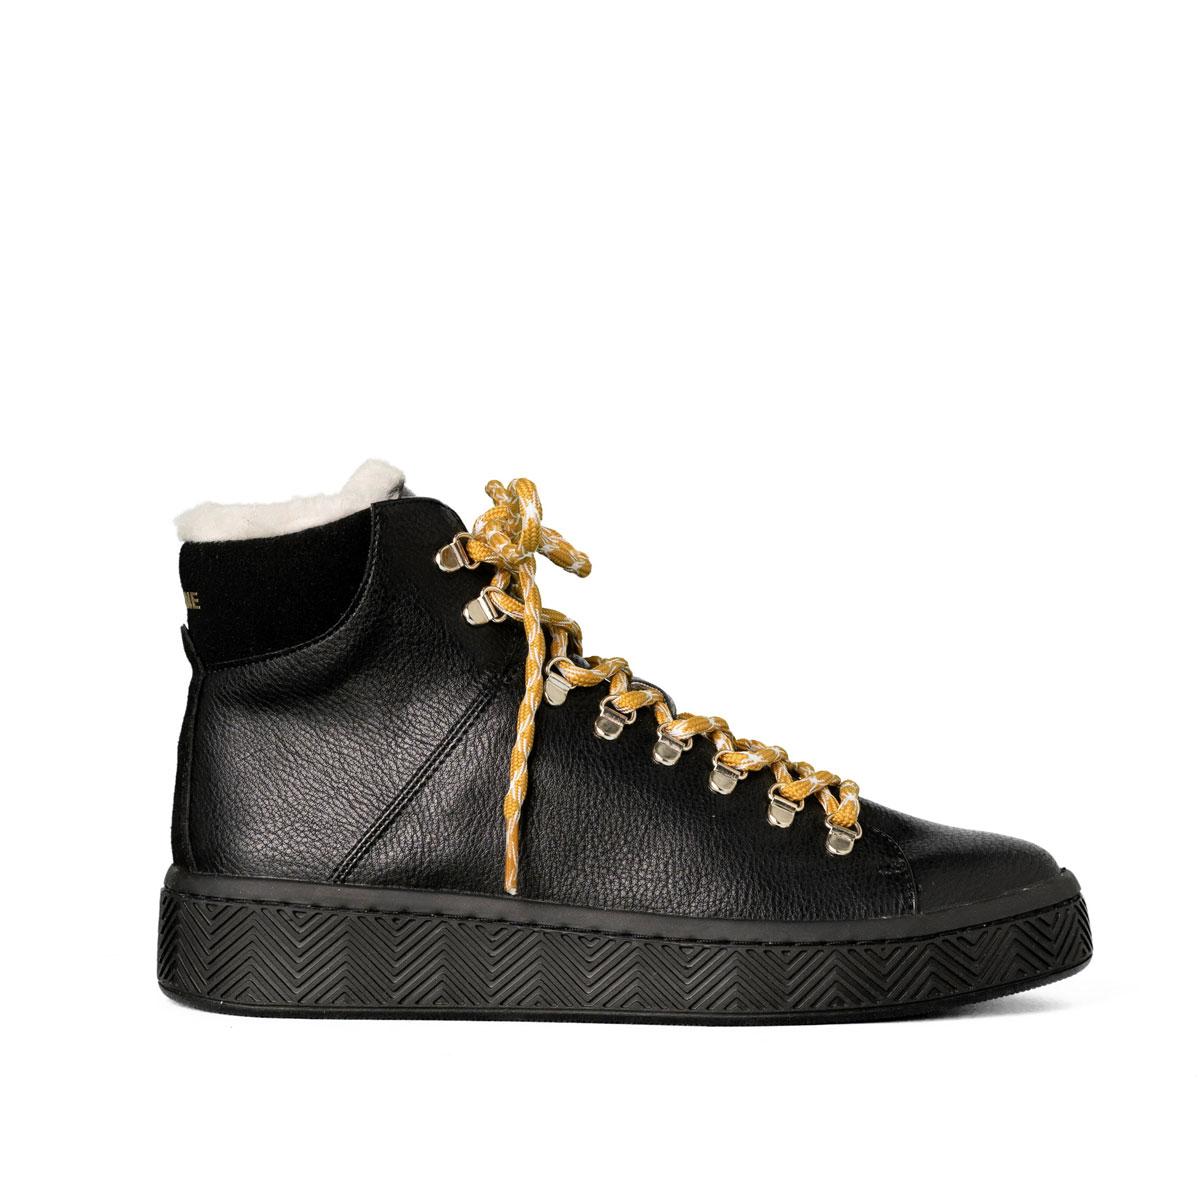 [2019秋冬]NO NAME[ノーネーム][スニーカー]GINGER(ジンジャー)-92458-BLACK[ブラック] レディース 靴 シューズ スニーカー ブーツ トレッキングシューズ 厚底 プラットフォームスニーカー